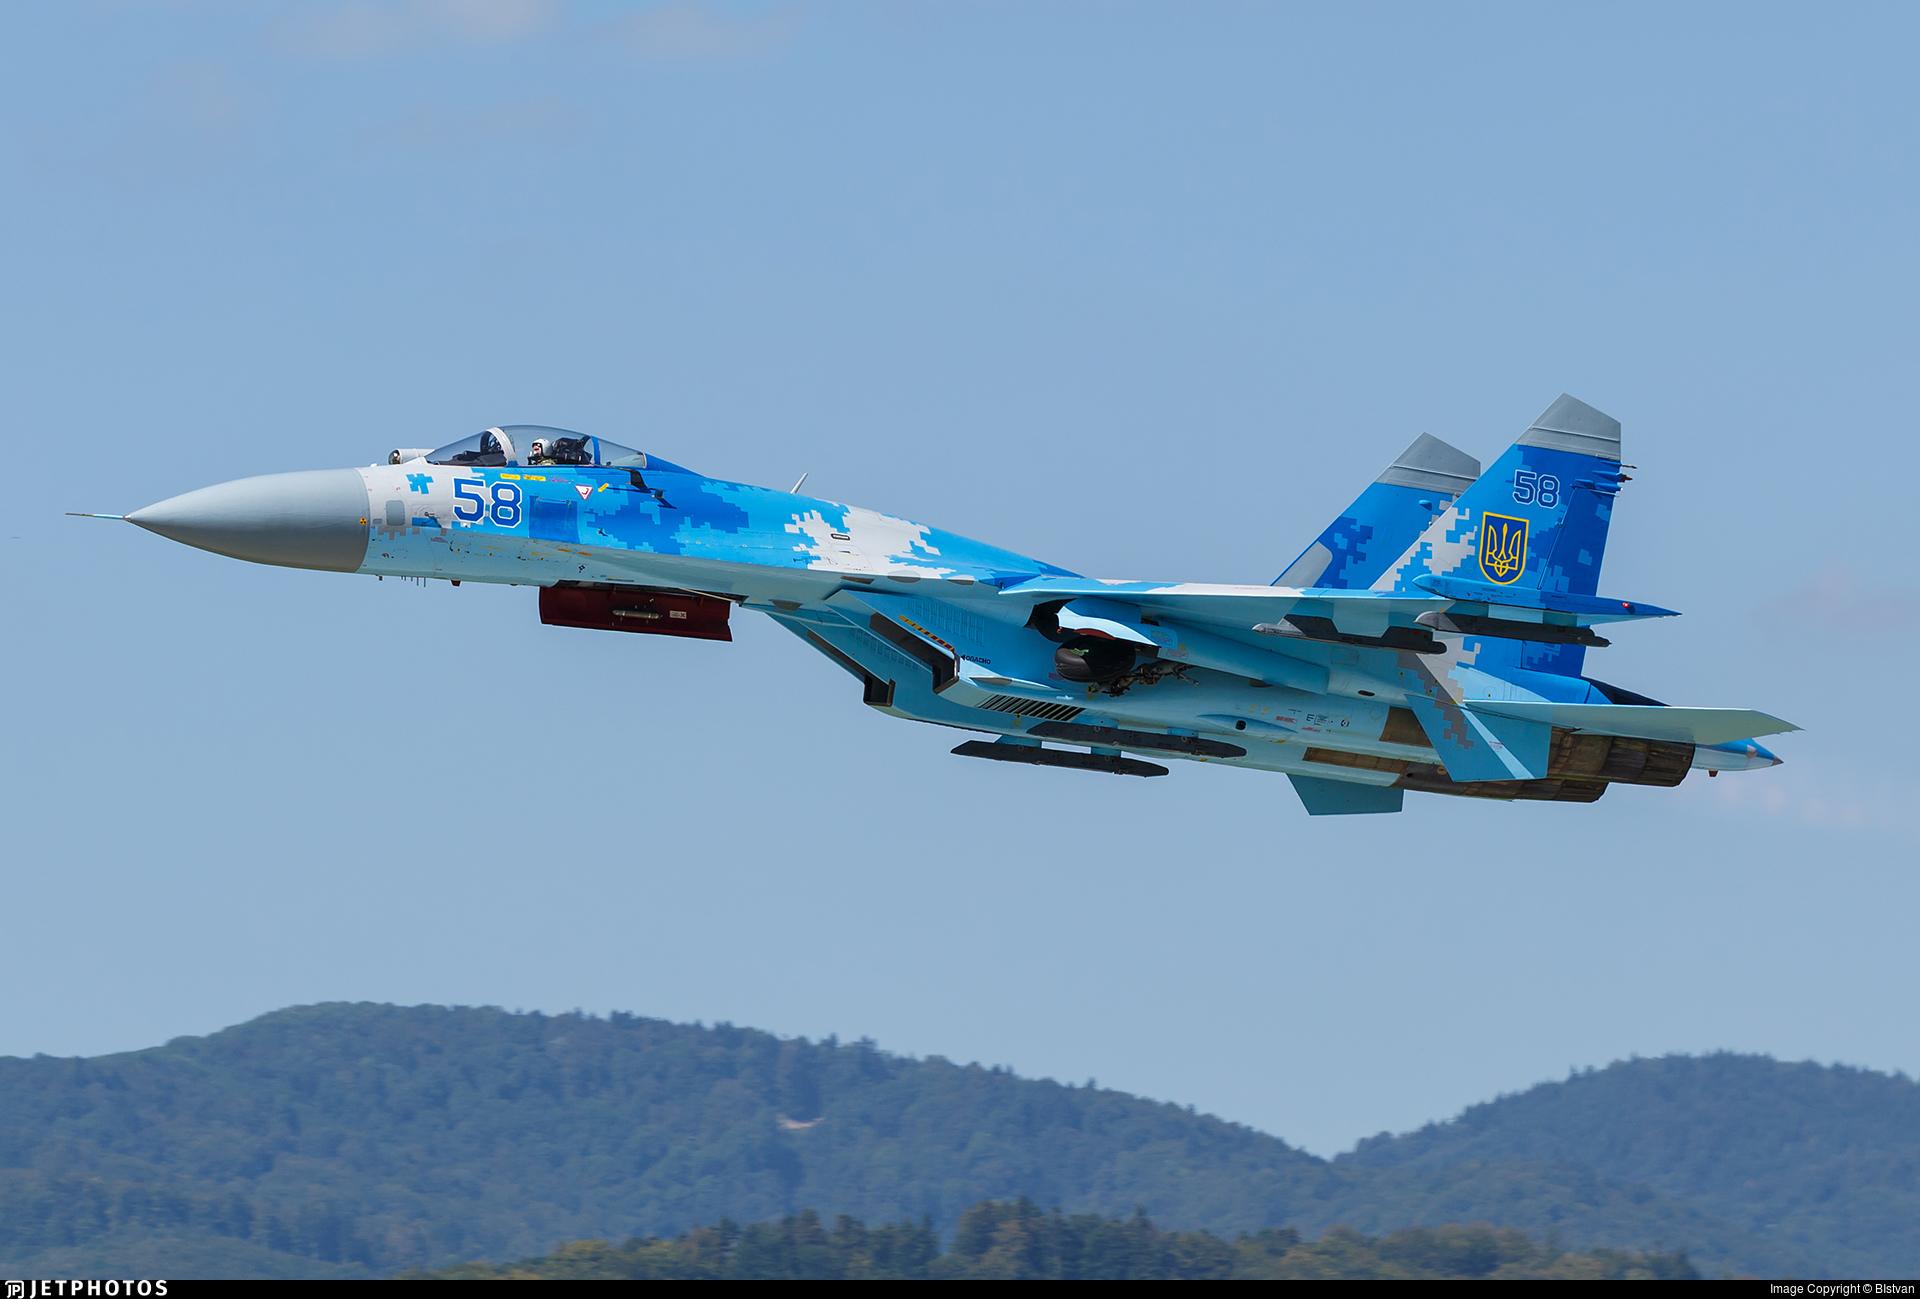 58 sukhoi su27p flanker ukraine air force bistvan